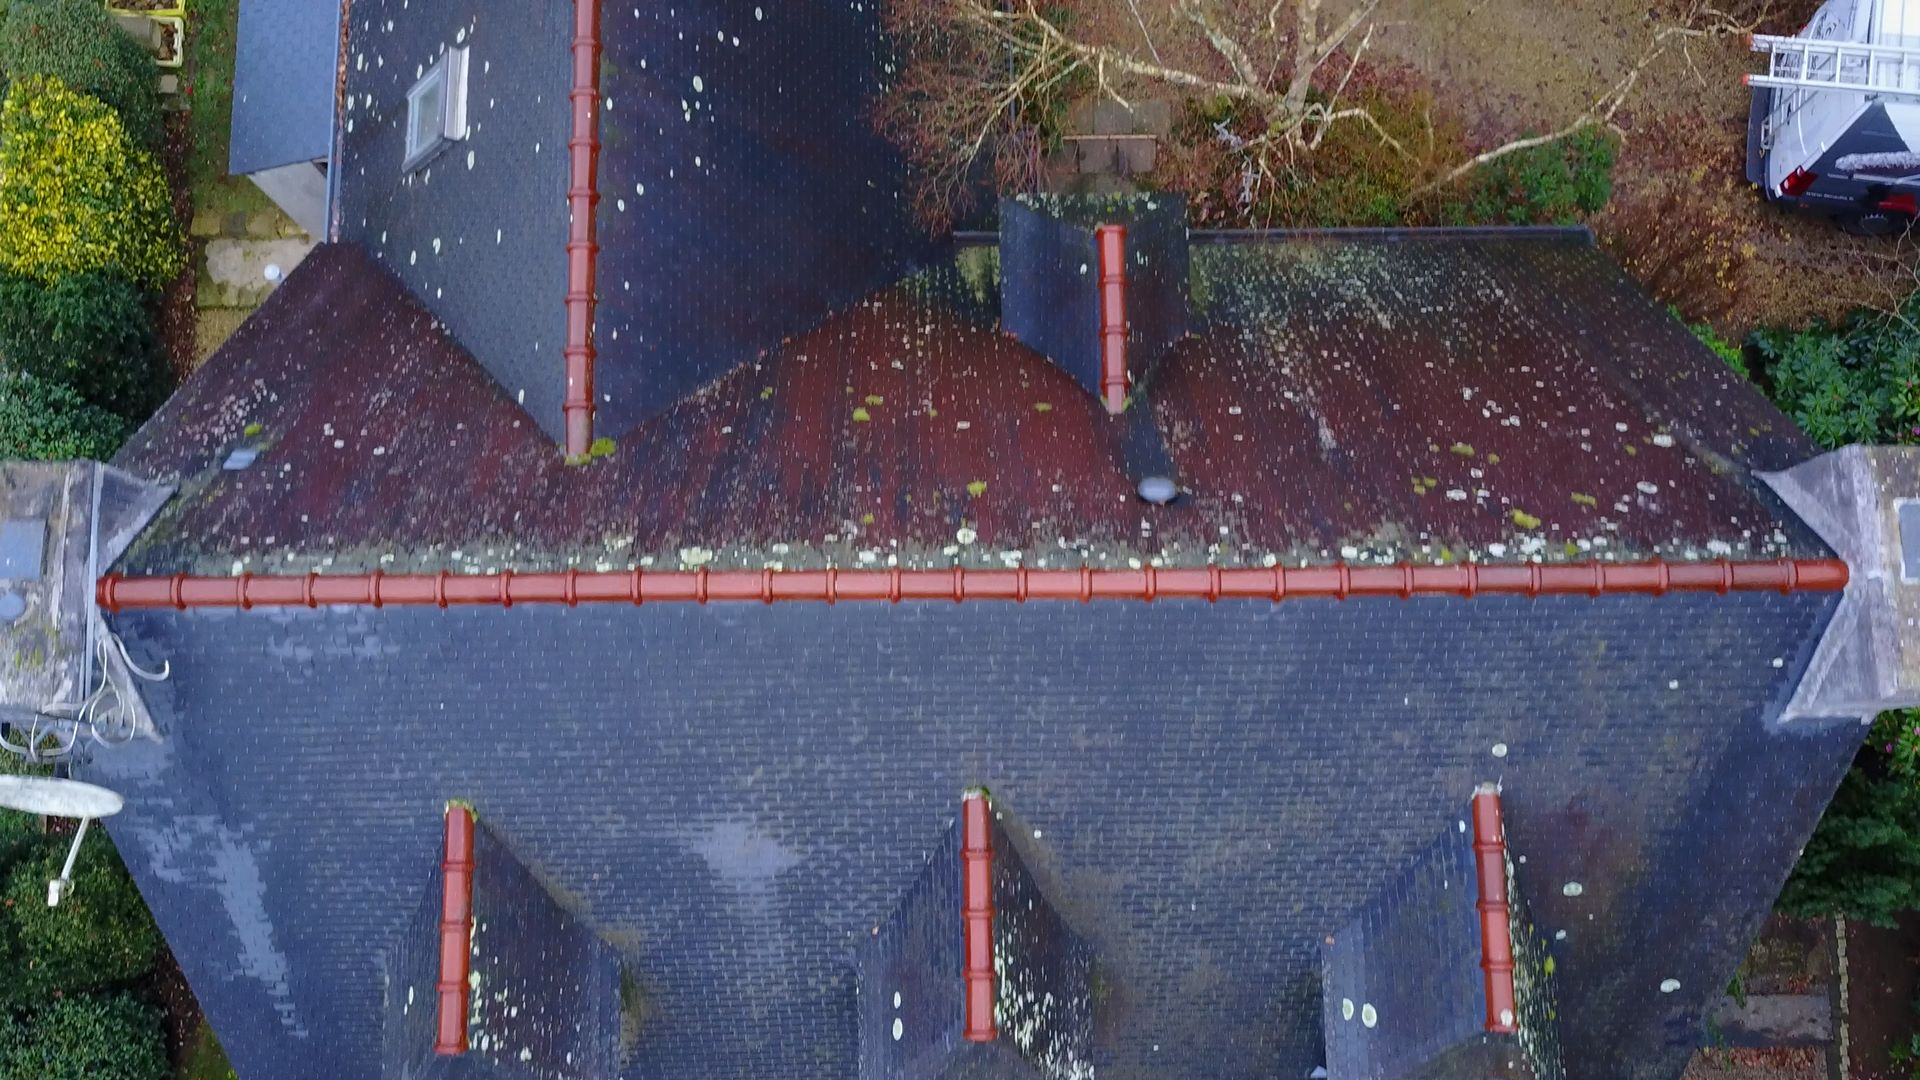 Nettoyage toiture : Avant